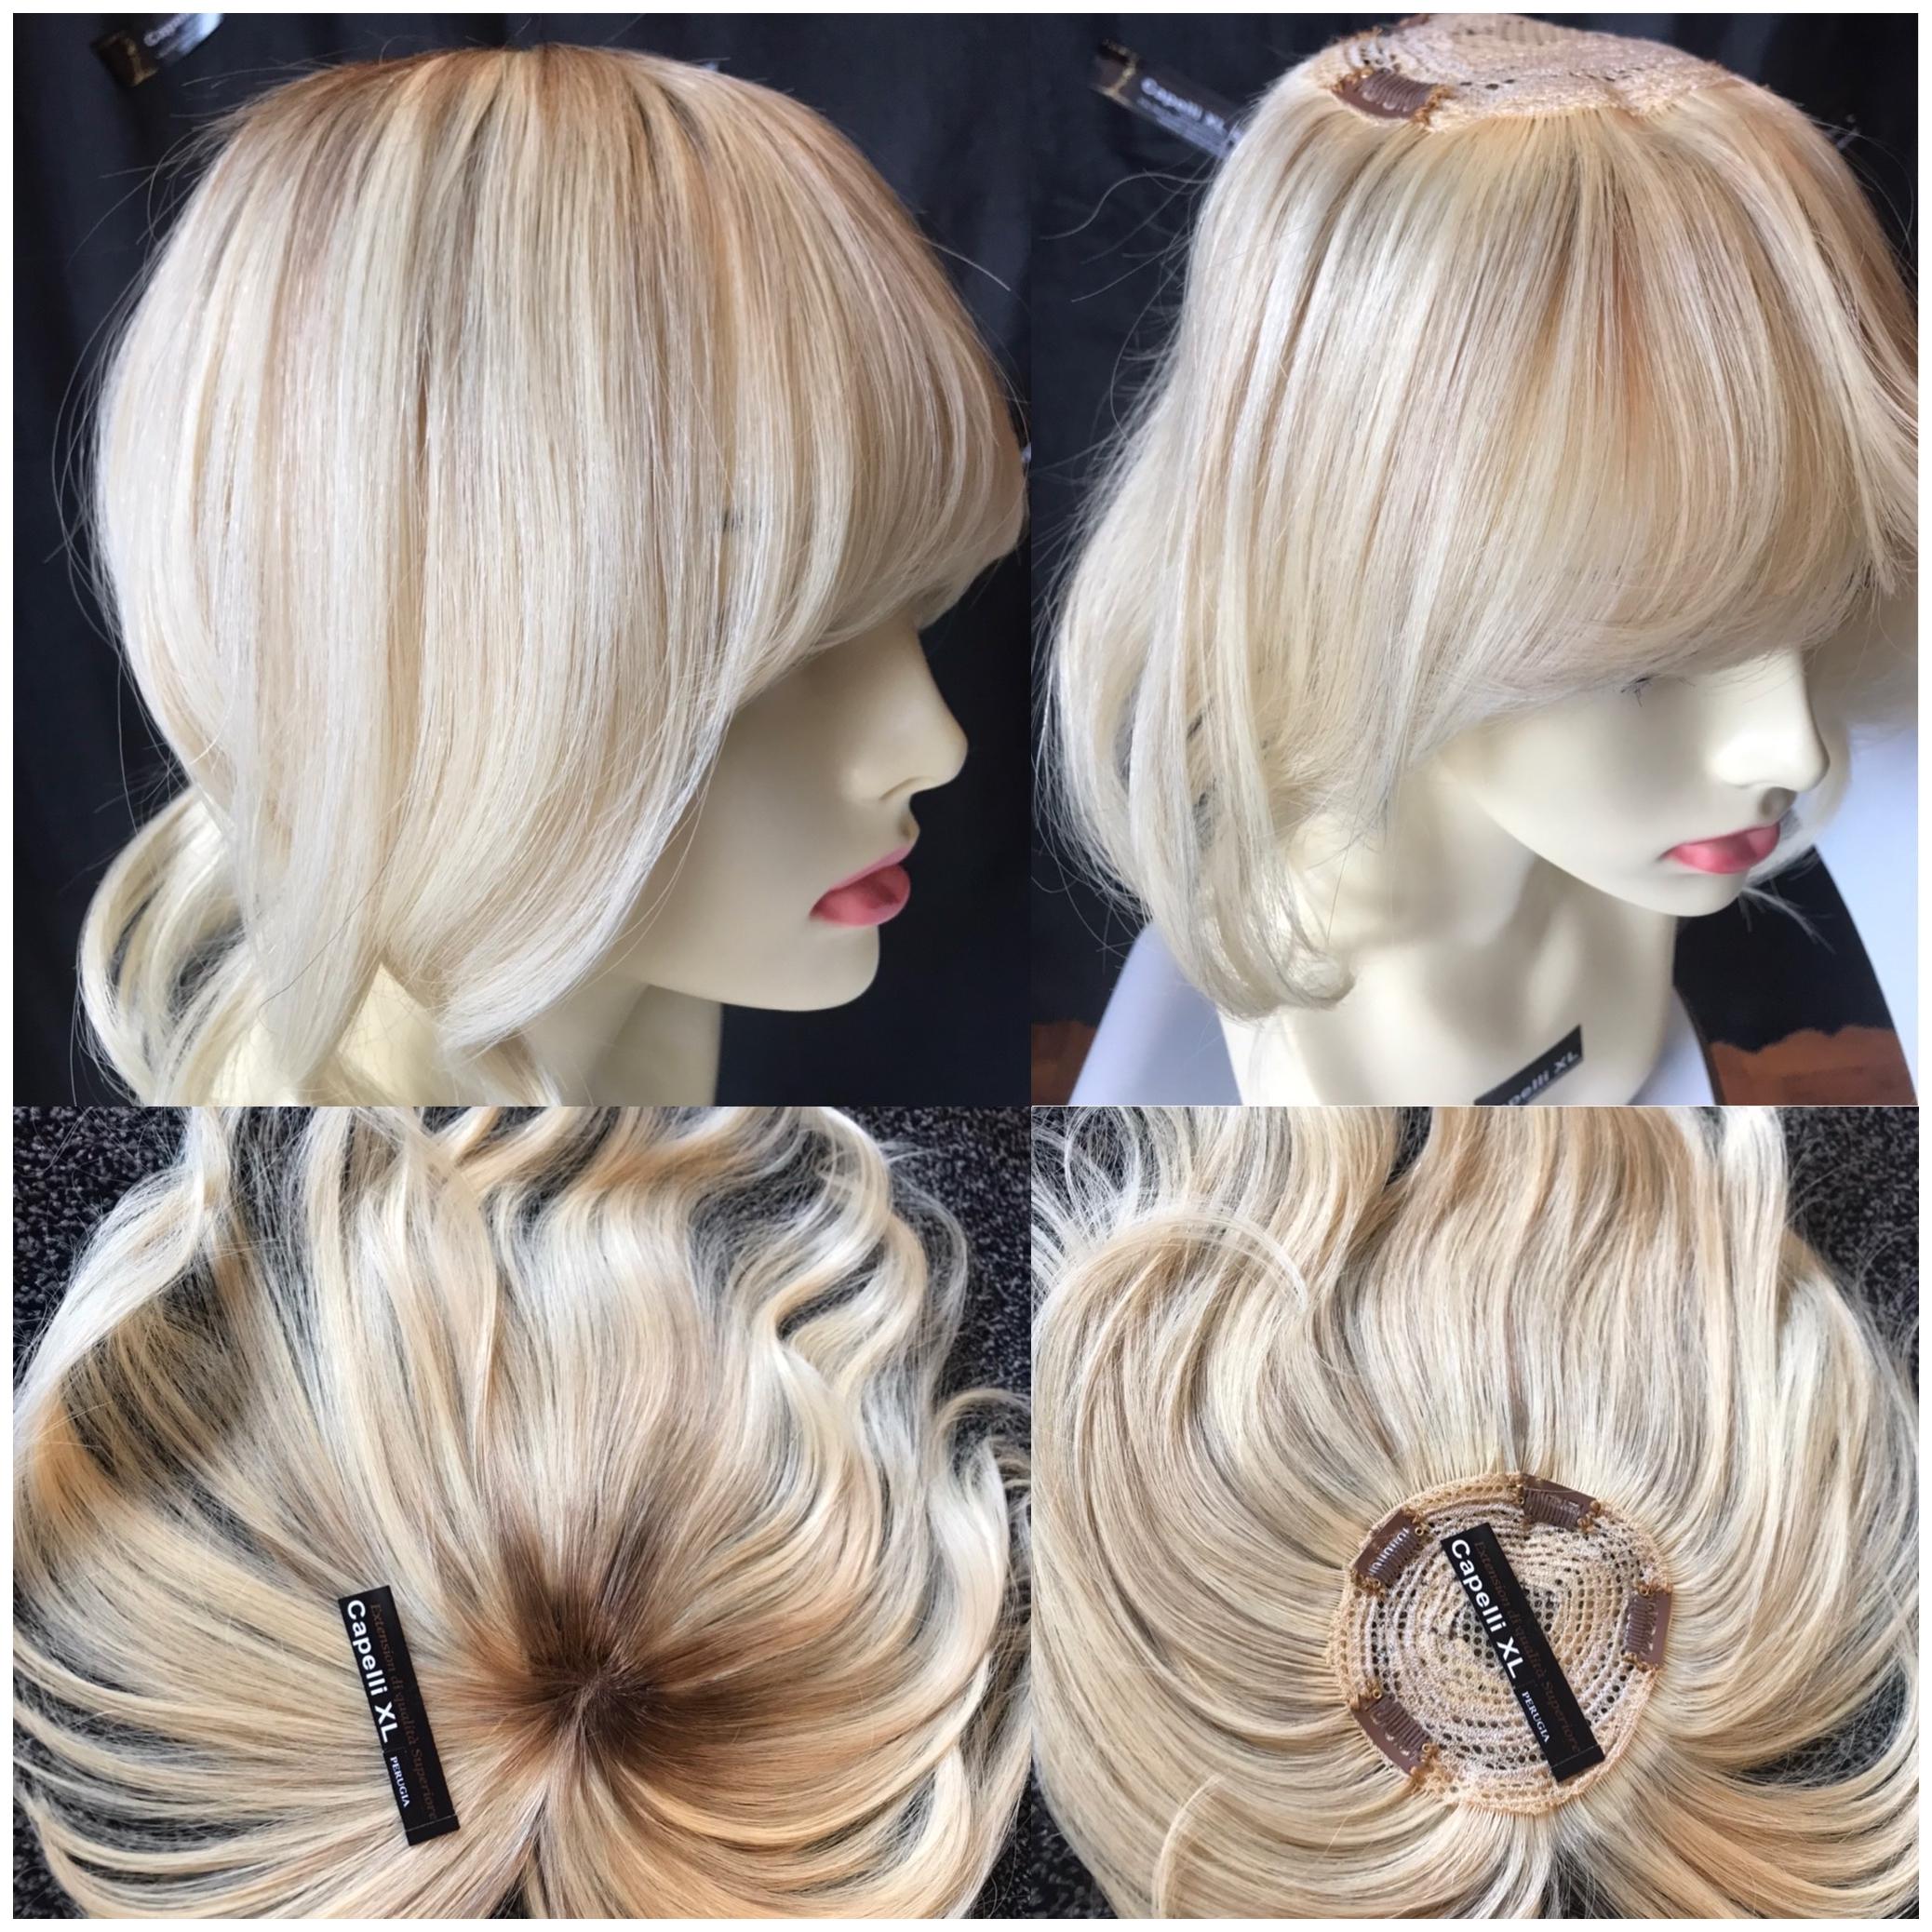 Toupet Chiusura realizzata con capelli veri europei per coprire il centro testa Colore biondo con effetto ricrescita